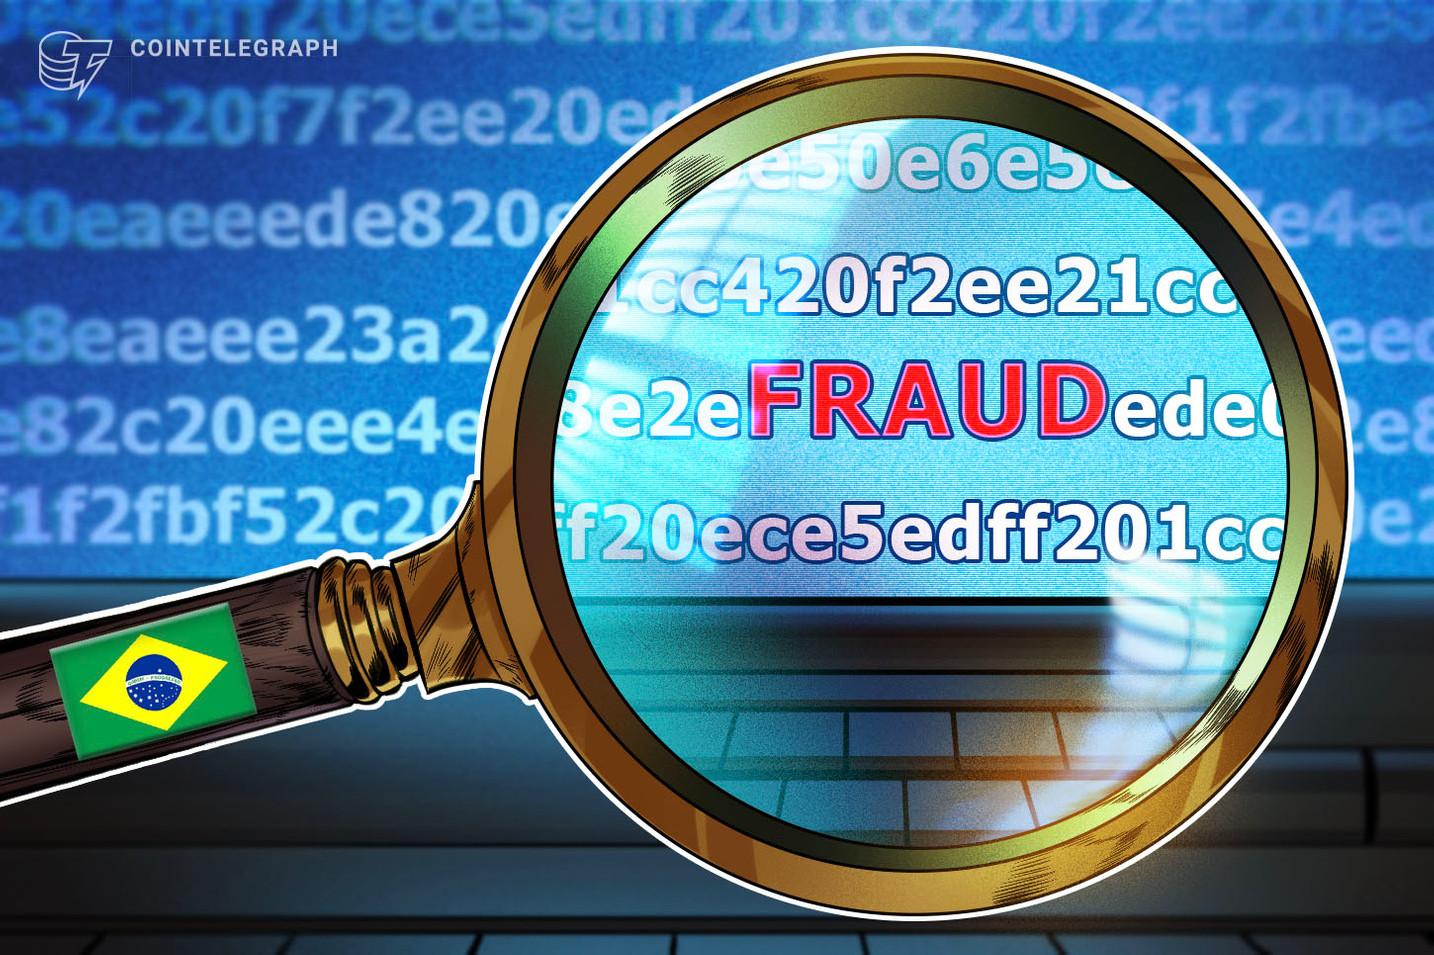 ブラジル、仮想通貨関連犯罪を調査へ 連邦議員が調査委員会開設を議会に要求【ニュース】